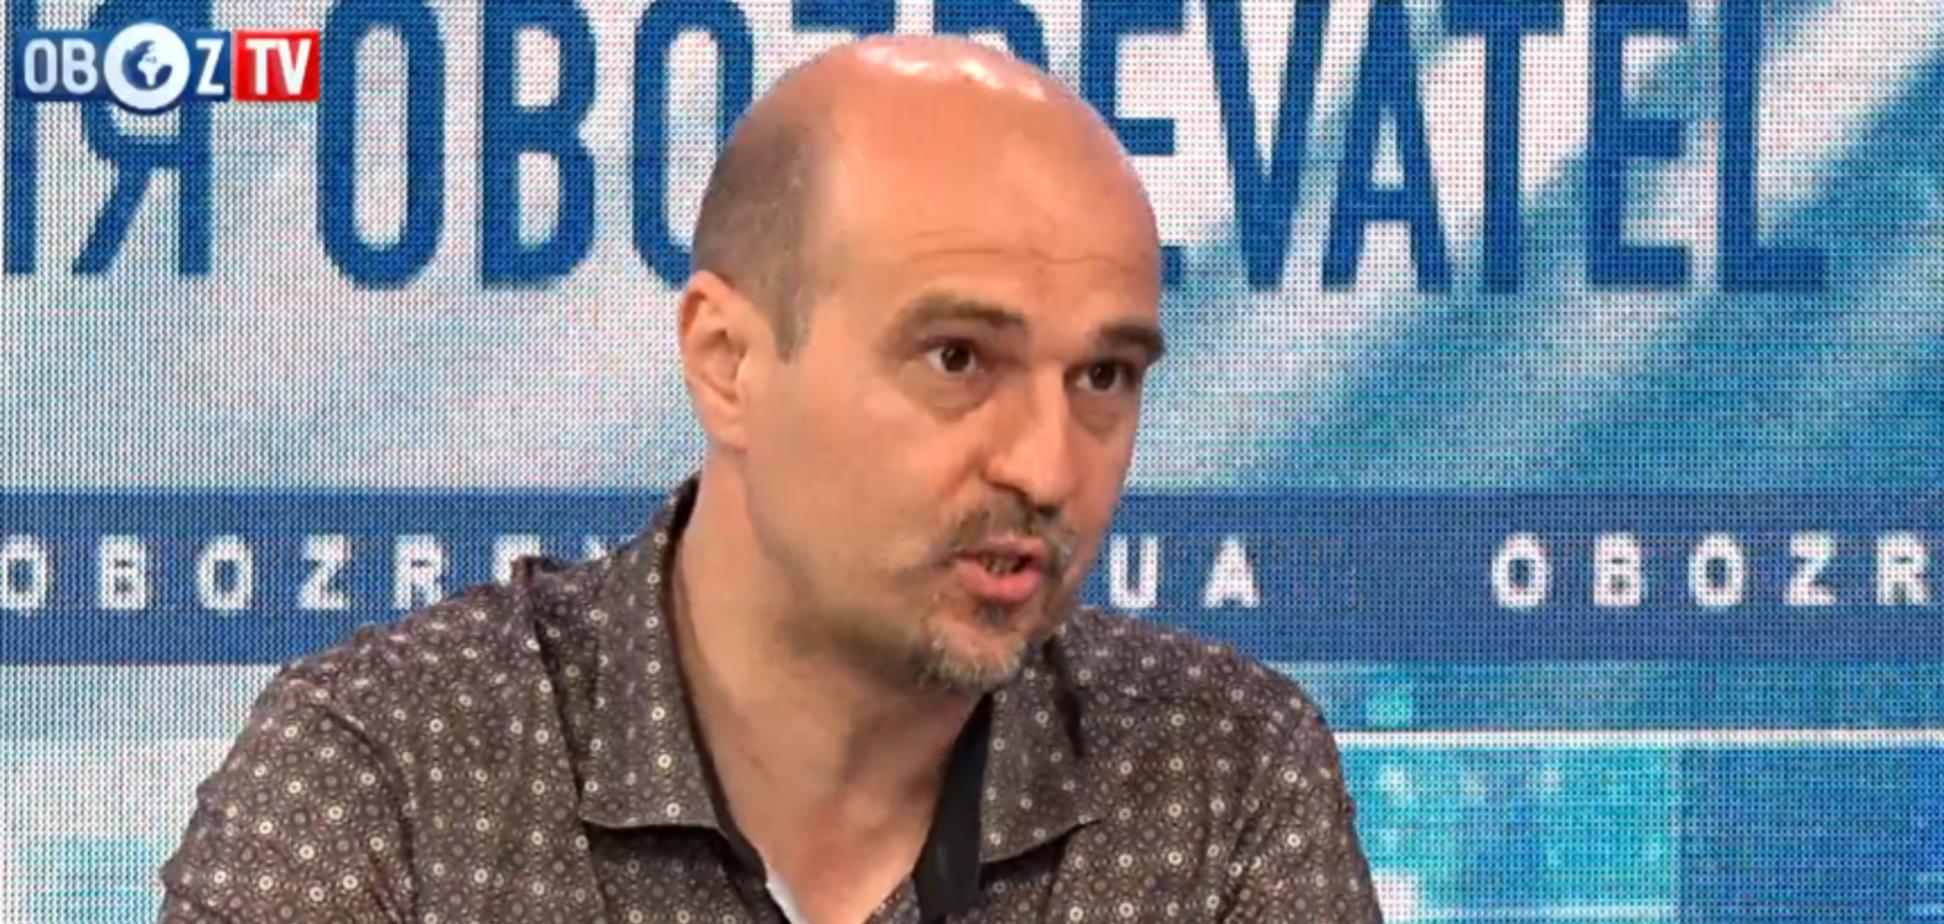 День рождения киевского ''Динамо'': Андриюк рассказал, с чем встречает его прославленный в прошлом клуб